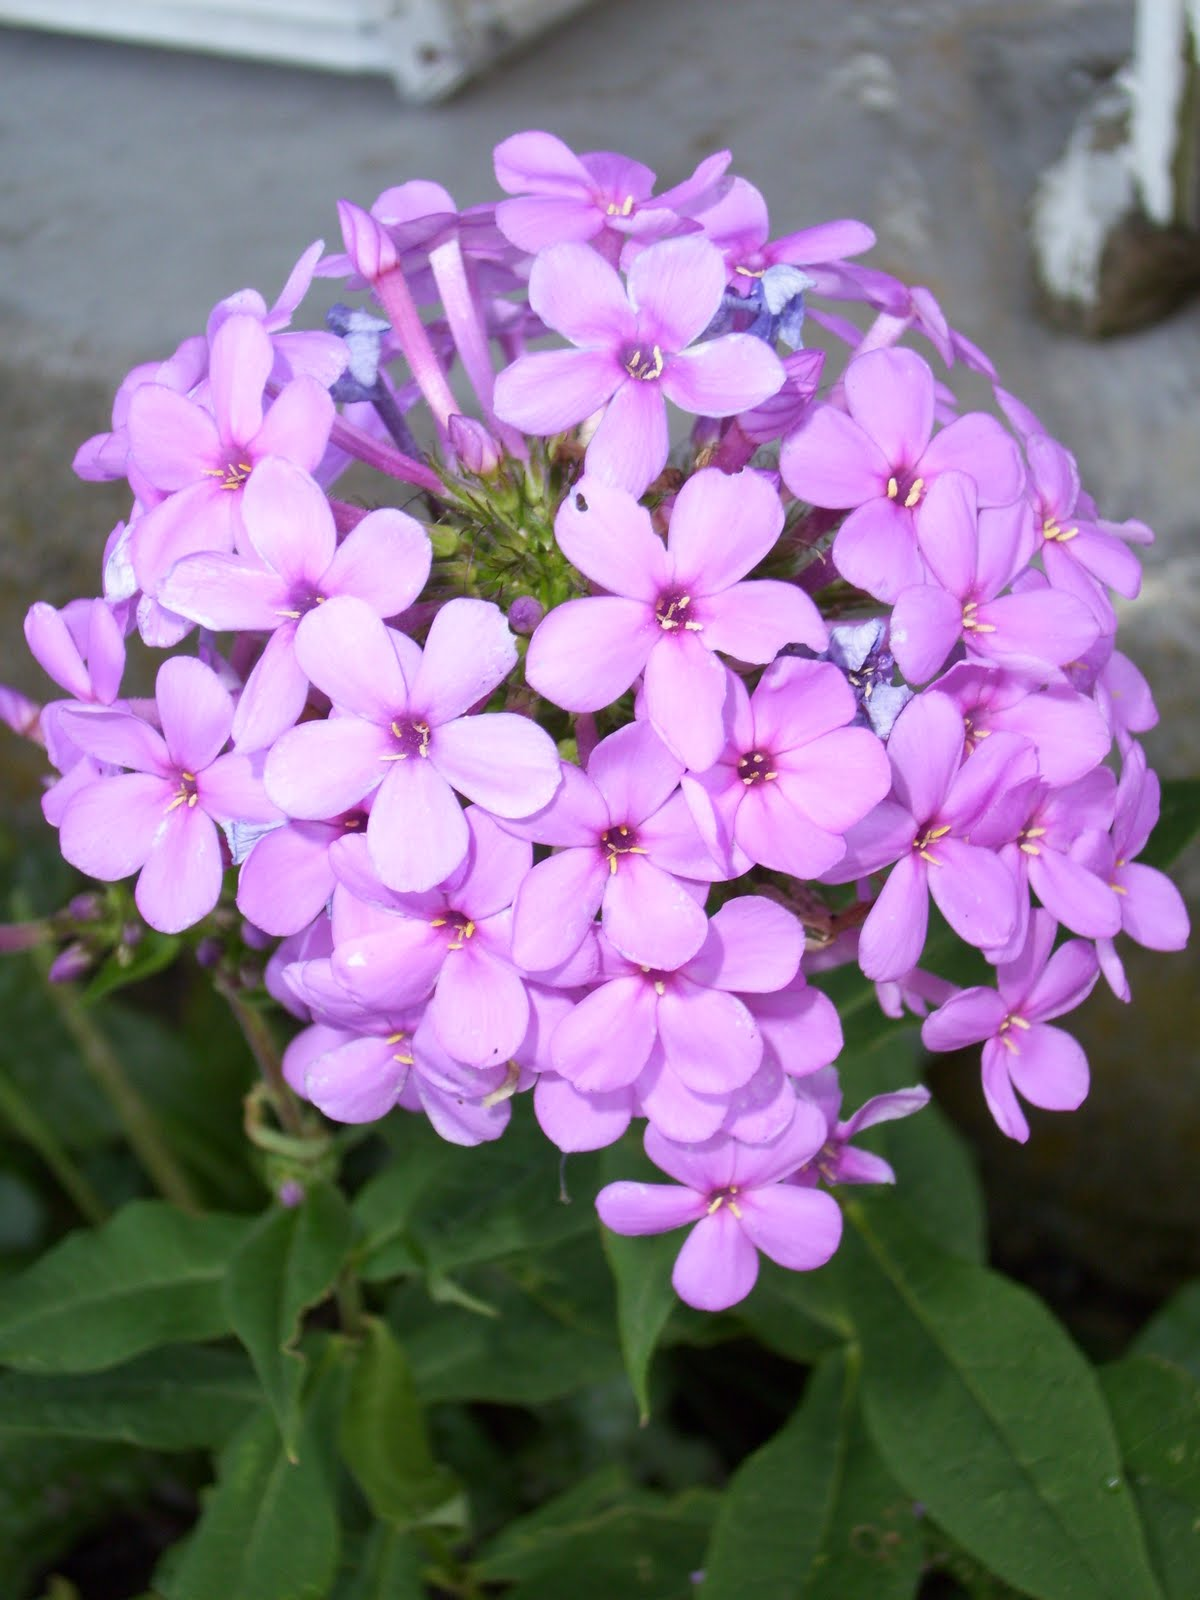 Purple flower names beautiful flowers 2019 beautiful flowers mightylinksfo